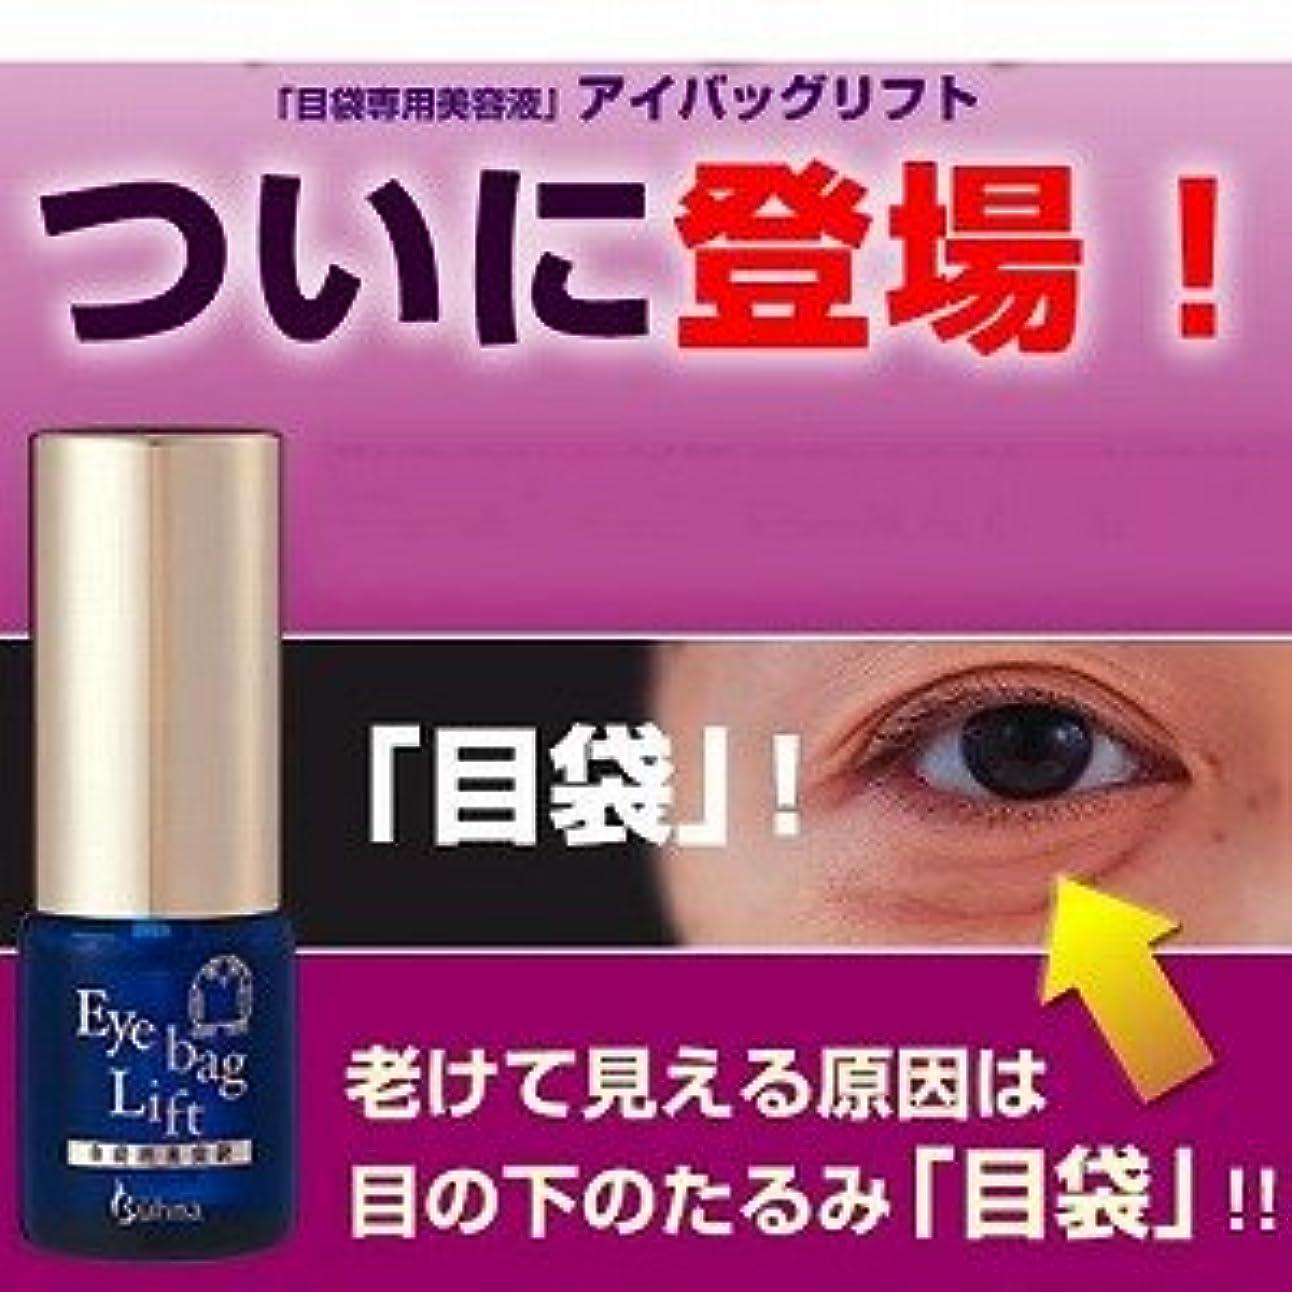 ベンチコンピューターを使用するファックス老けて見える原因は、目元、目の下のたるみ「目袋」『目袋専用美容液 アイバッグリフト』